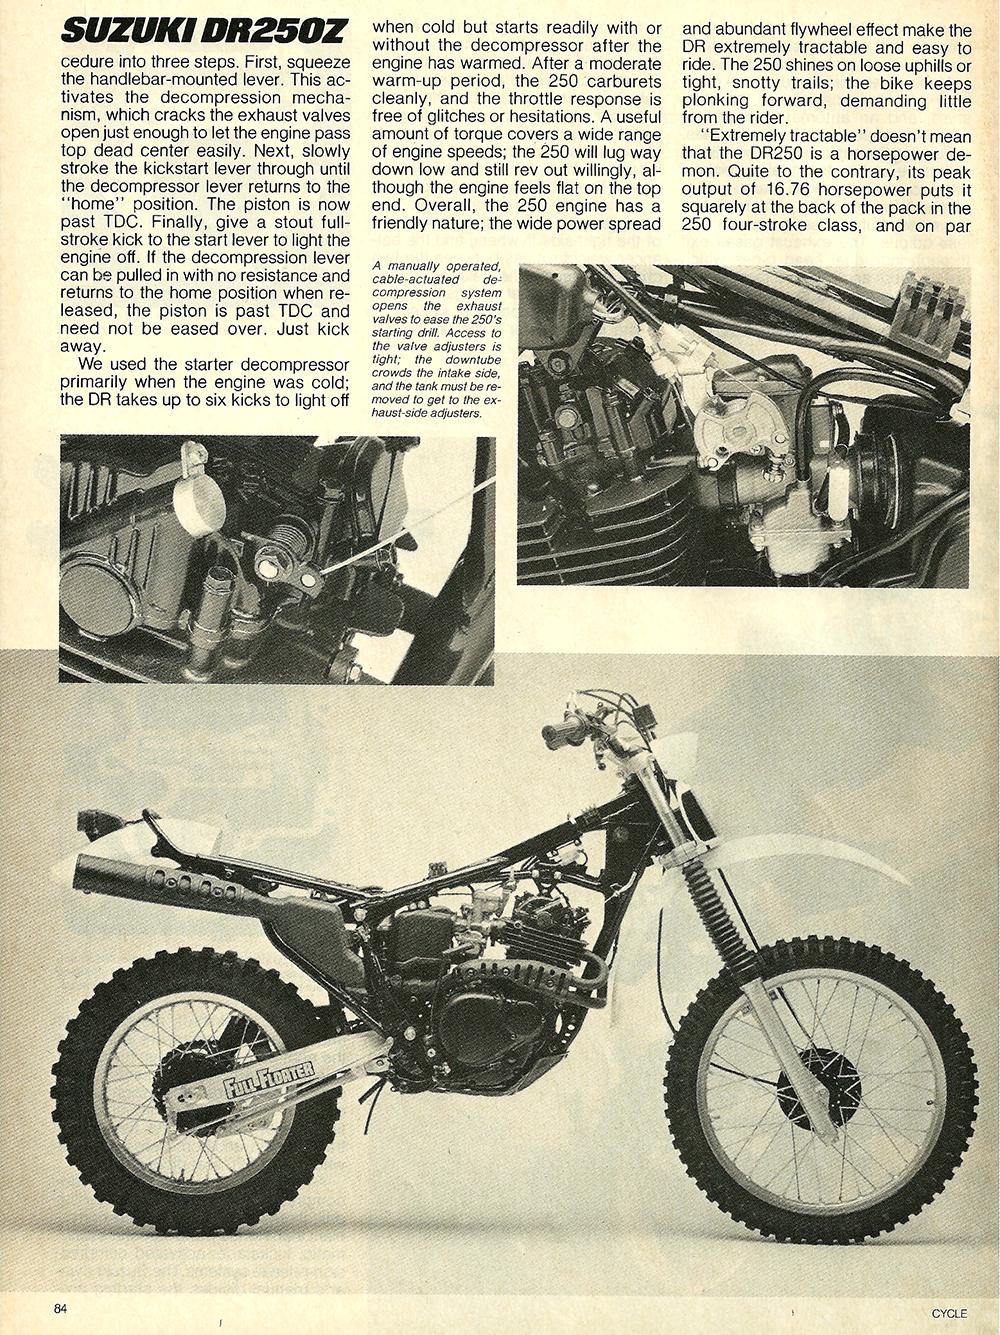 1982 Suzuki DR250Z road test 5.jpg